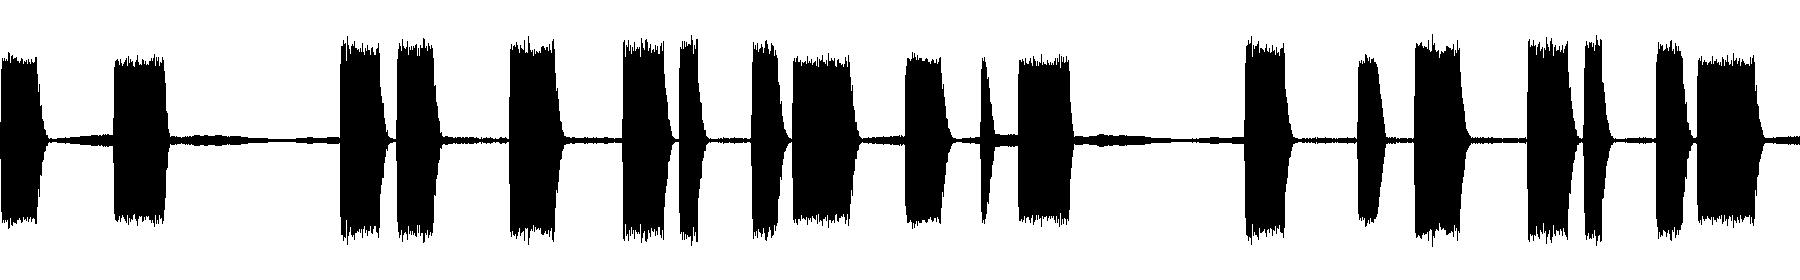 ehp synloop 130 bliphop eb